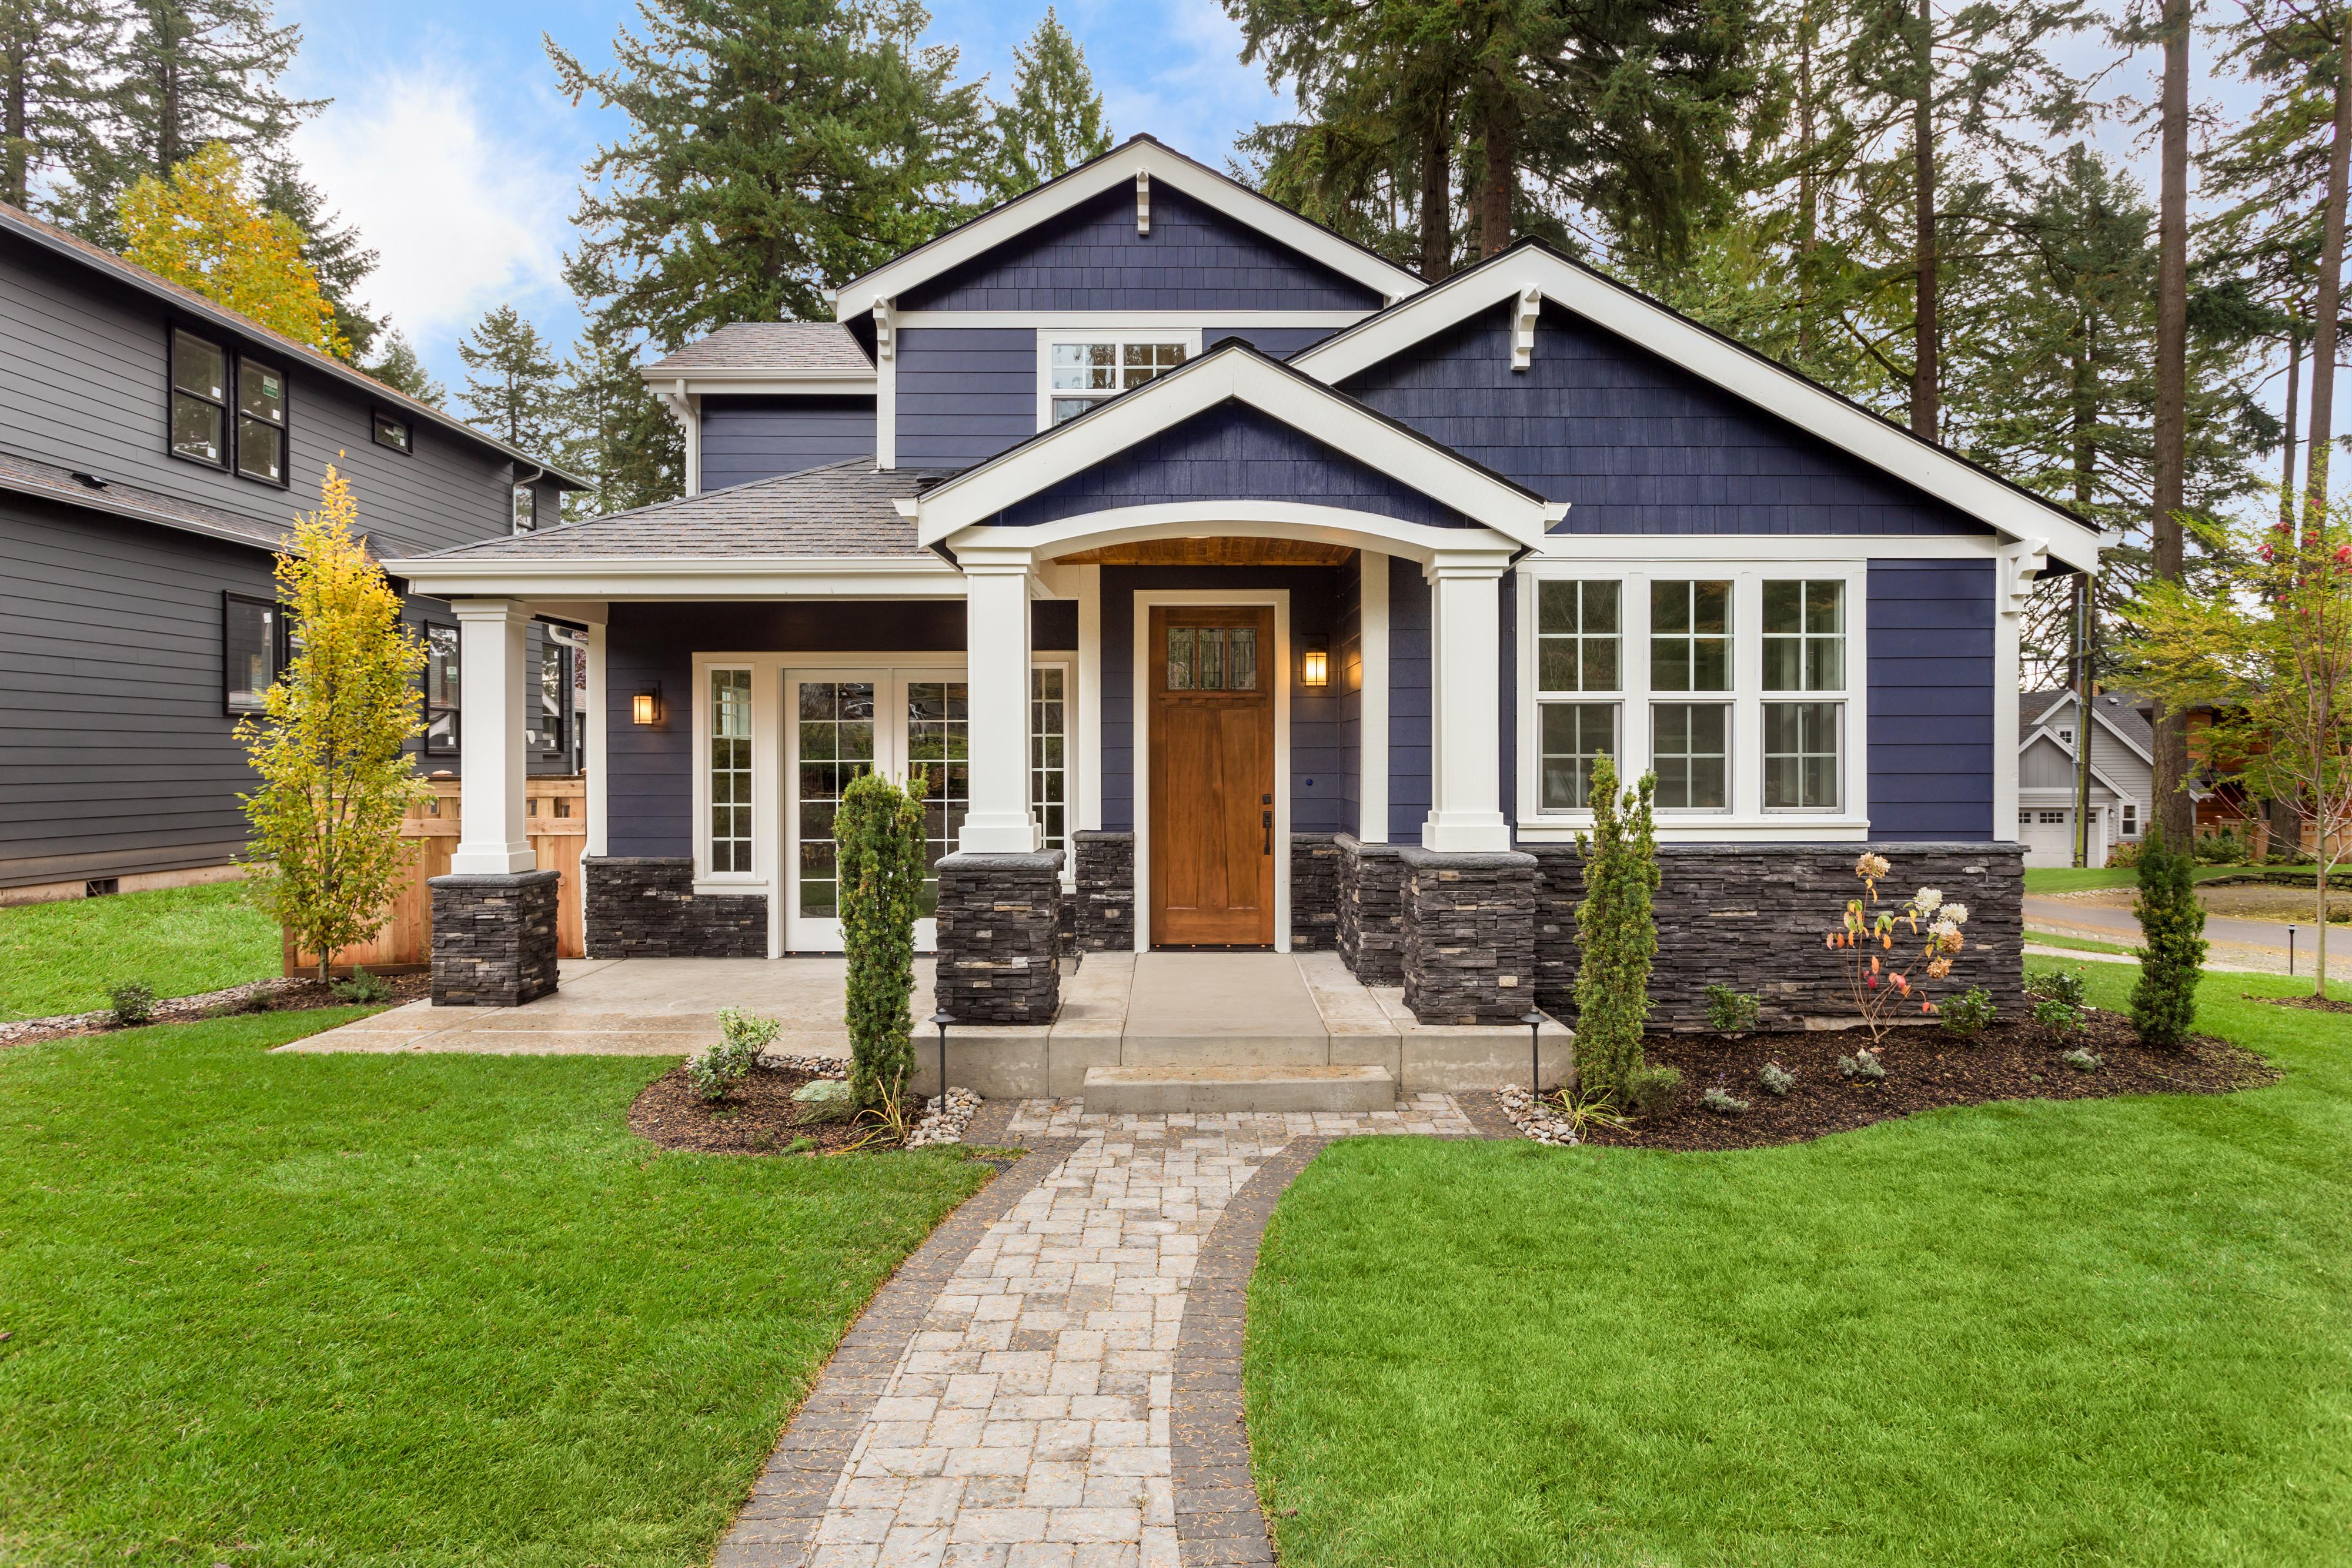 Full Home Inspection